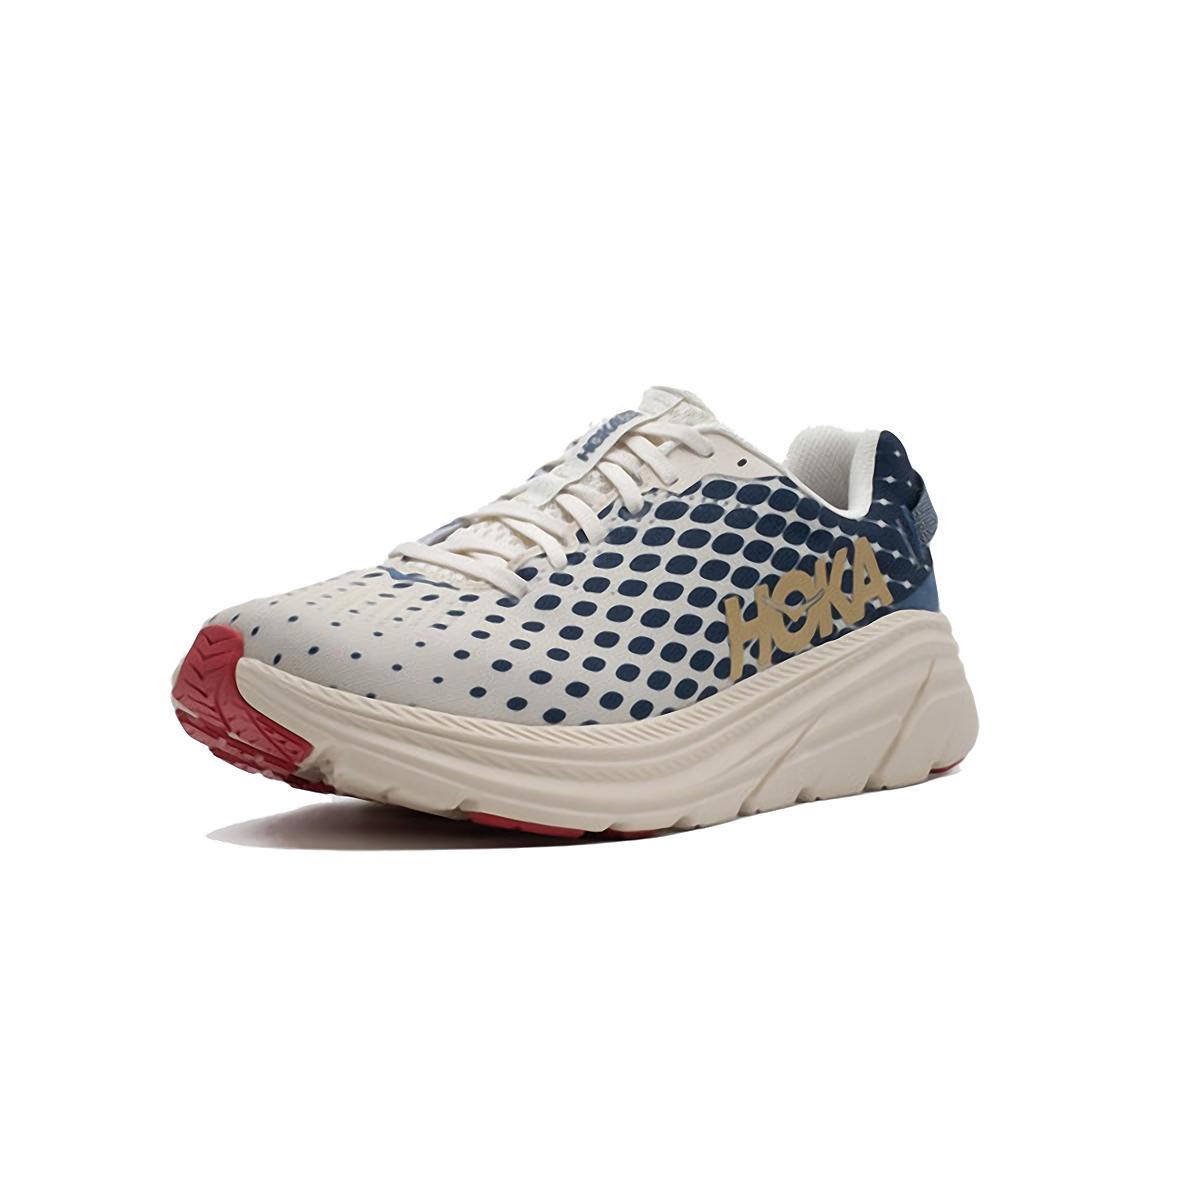 Men's Hoka One One Rincon TK Running Shoe - Color: Vintage Indigo - Size: 7 - Width: Regular, Vintage Indigo, large, image 3